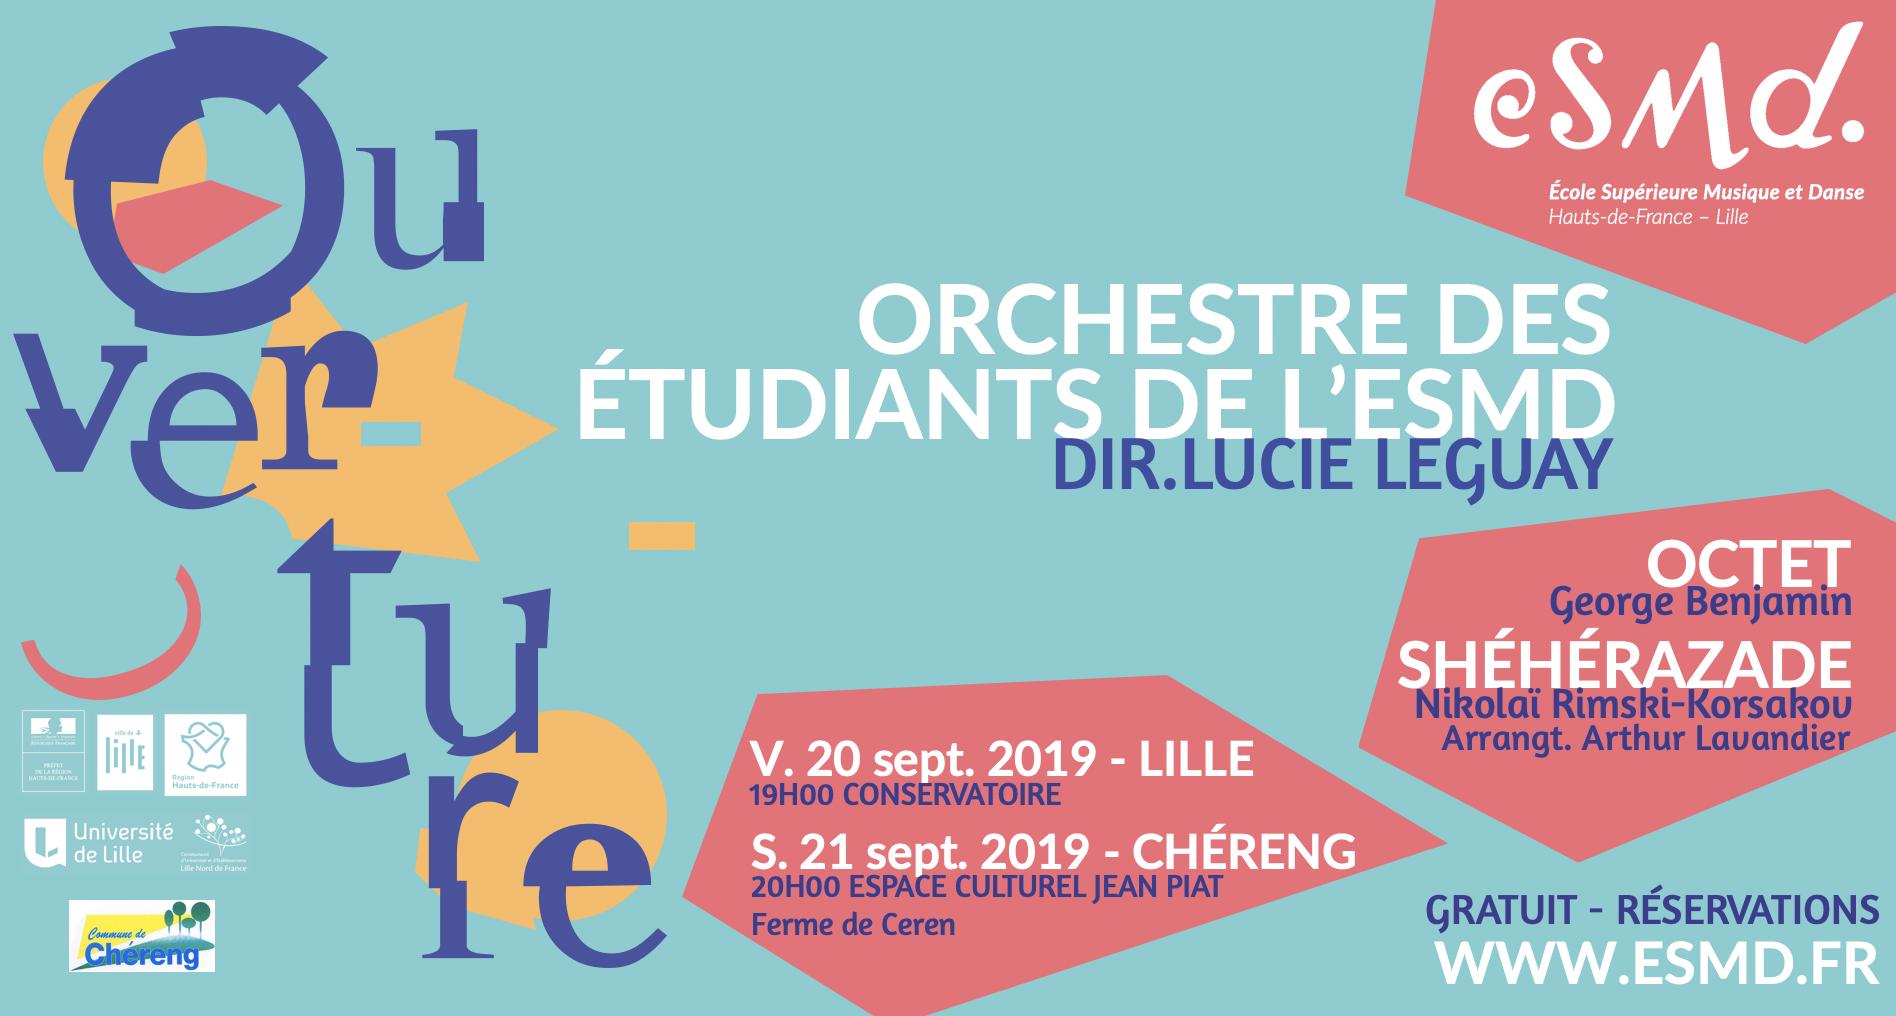 Ouverture – Orchestre des étudiants de l'ESMD